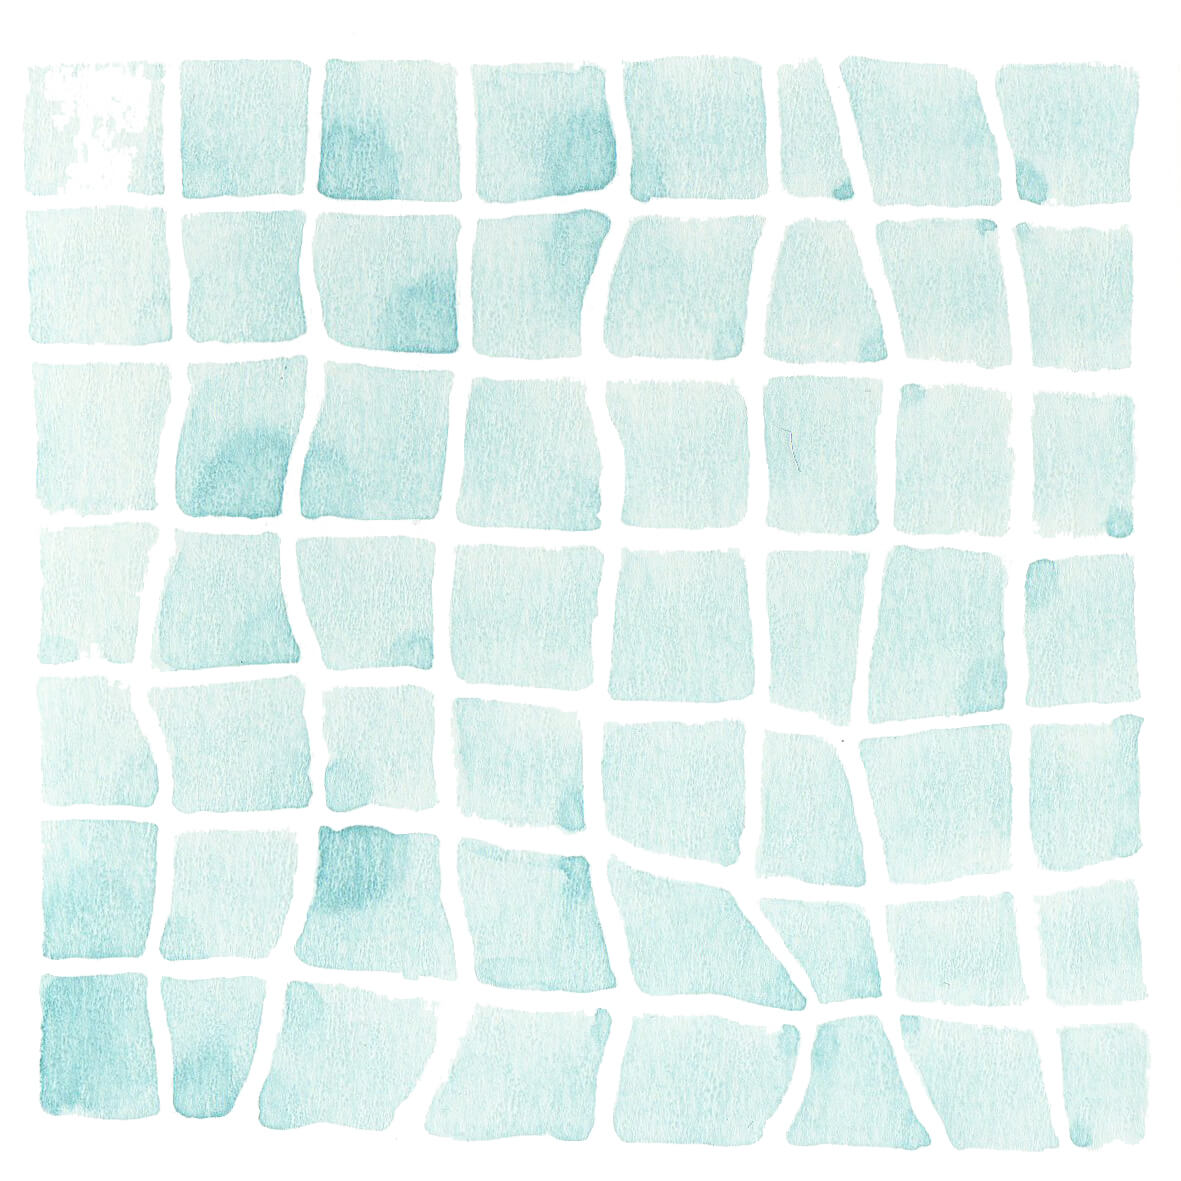 zwembad | tekening door Cynthia Borst